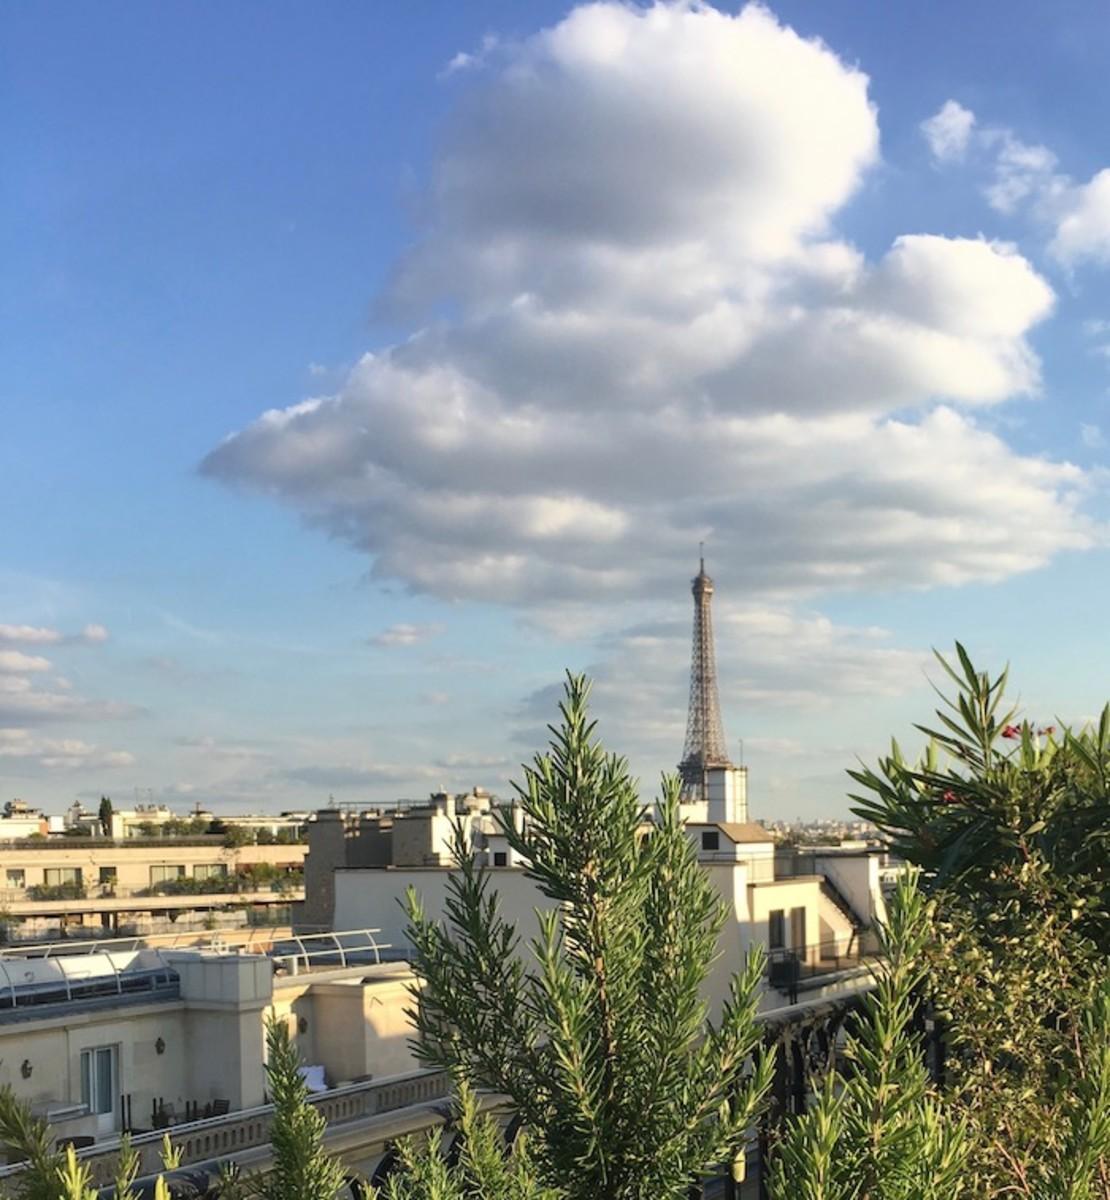 Paris Tips for a Quick Visit